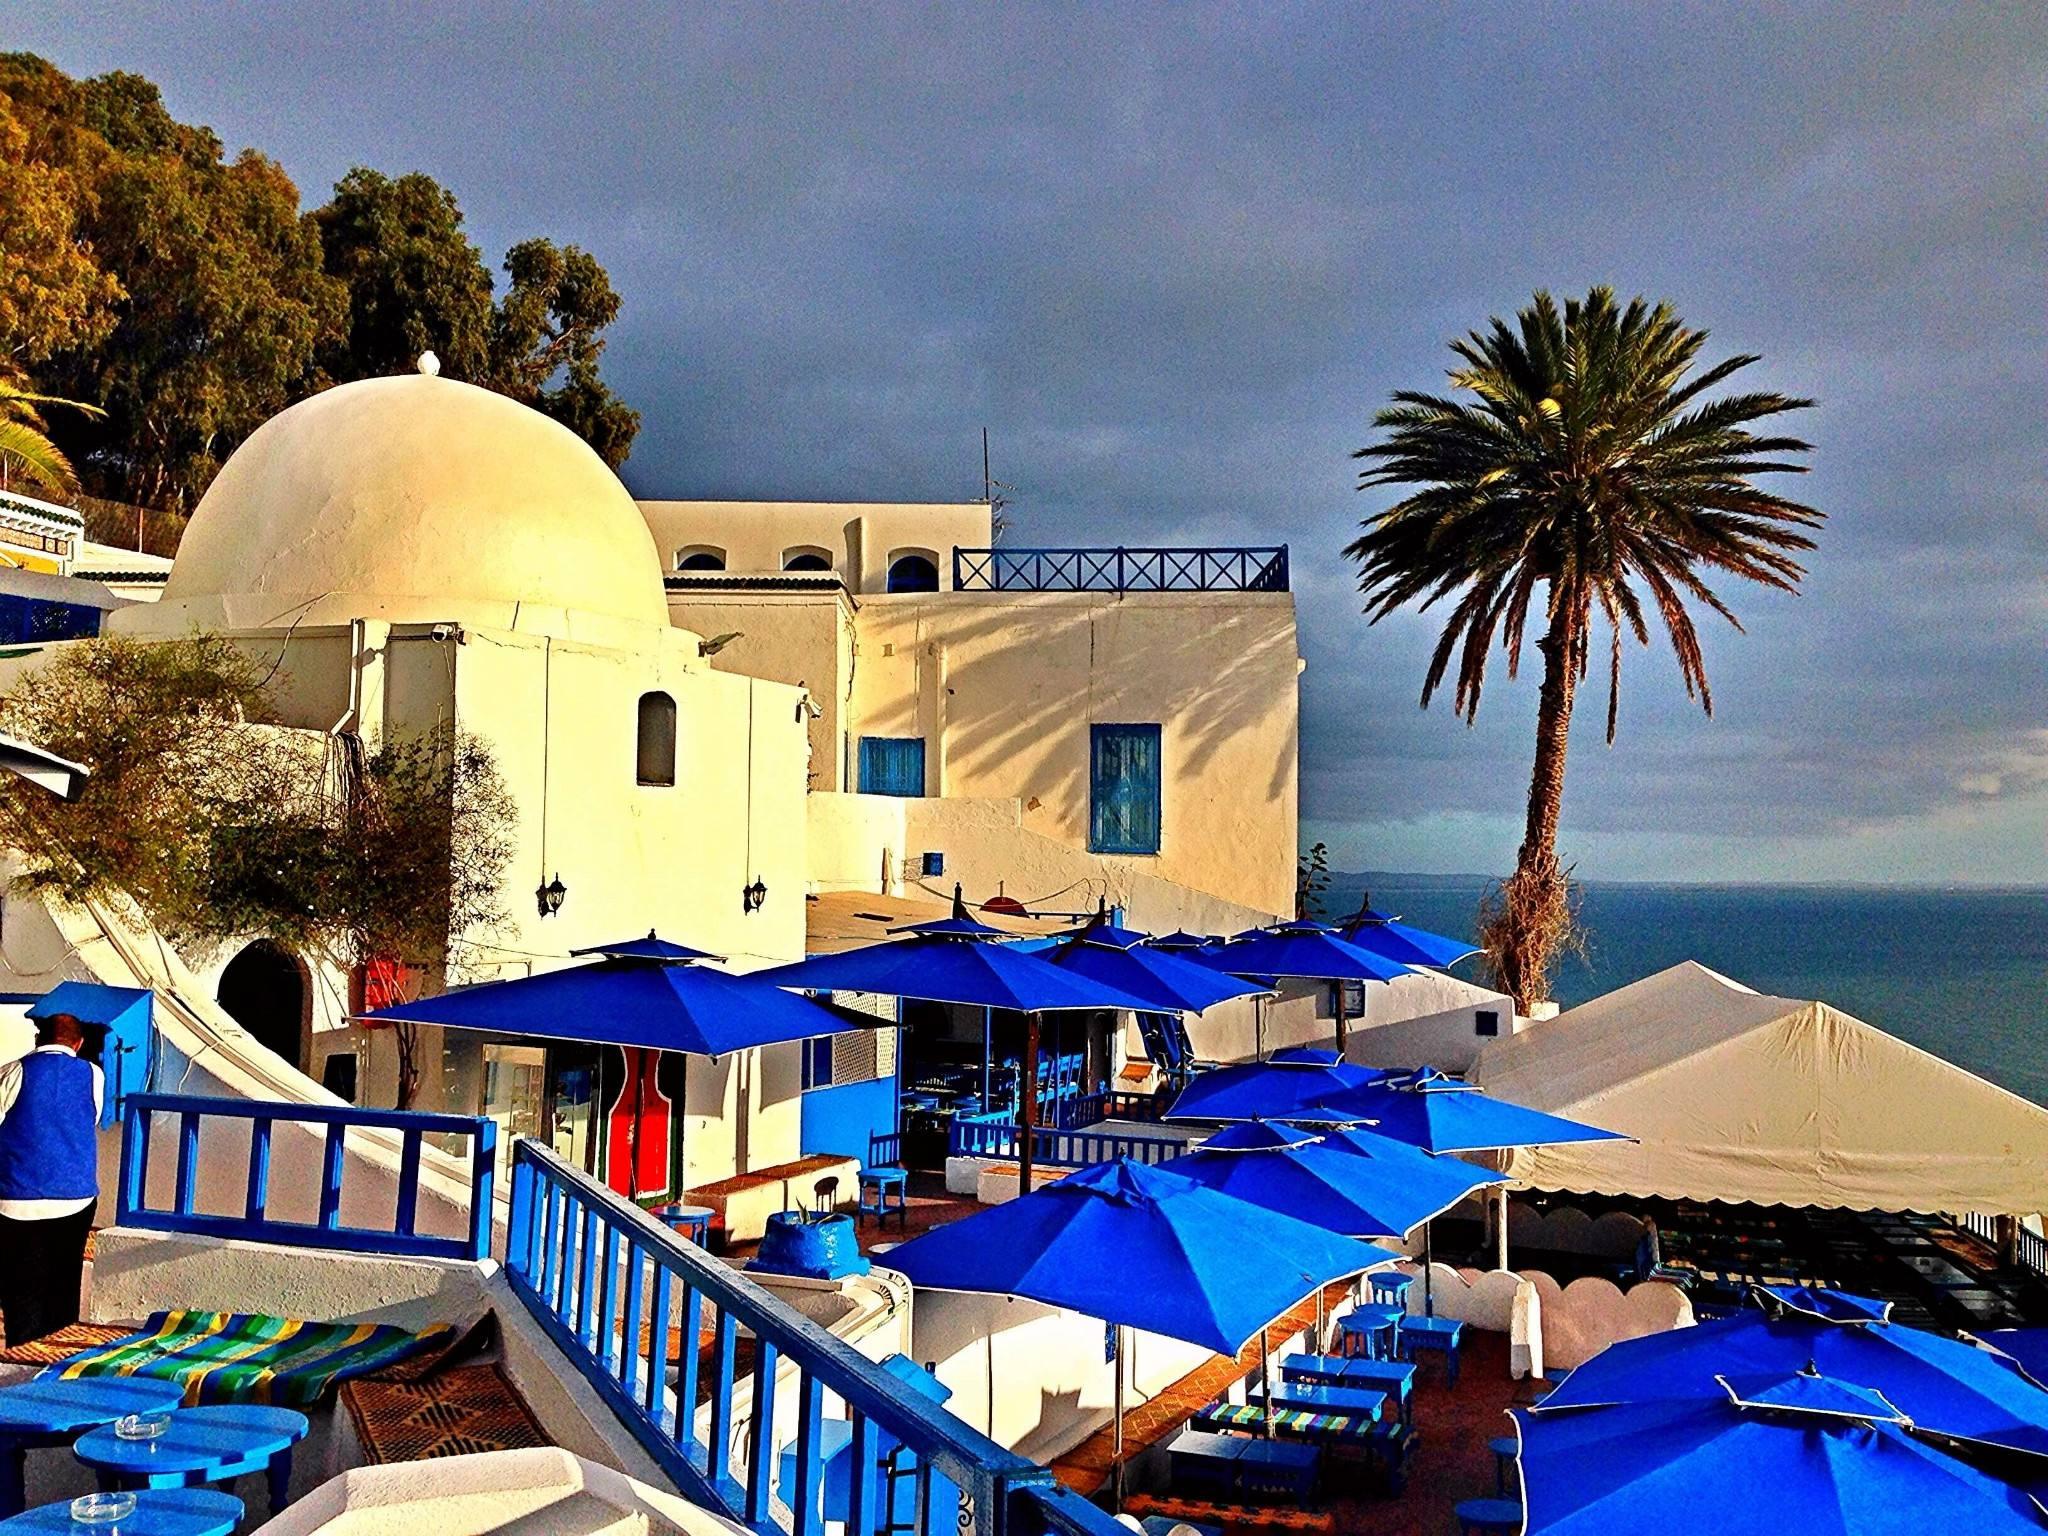 突尼斯包机旅游项目开启 免签后游客人数激增